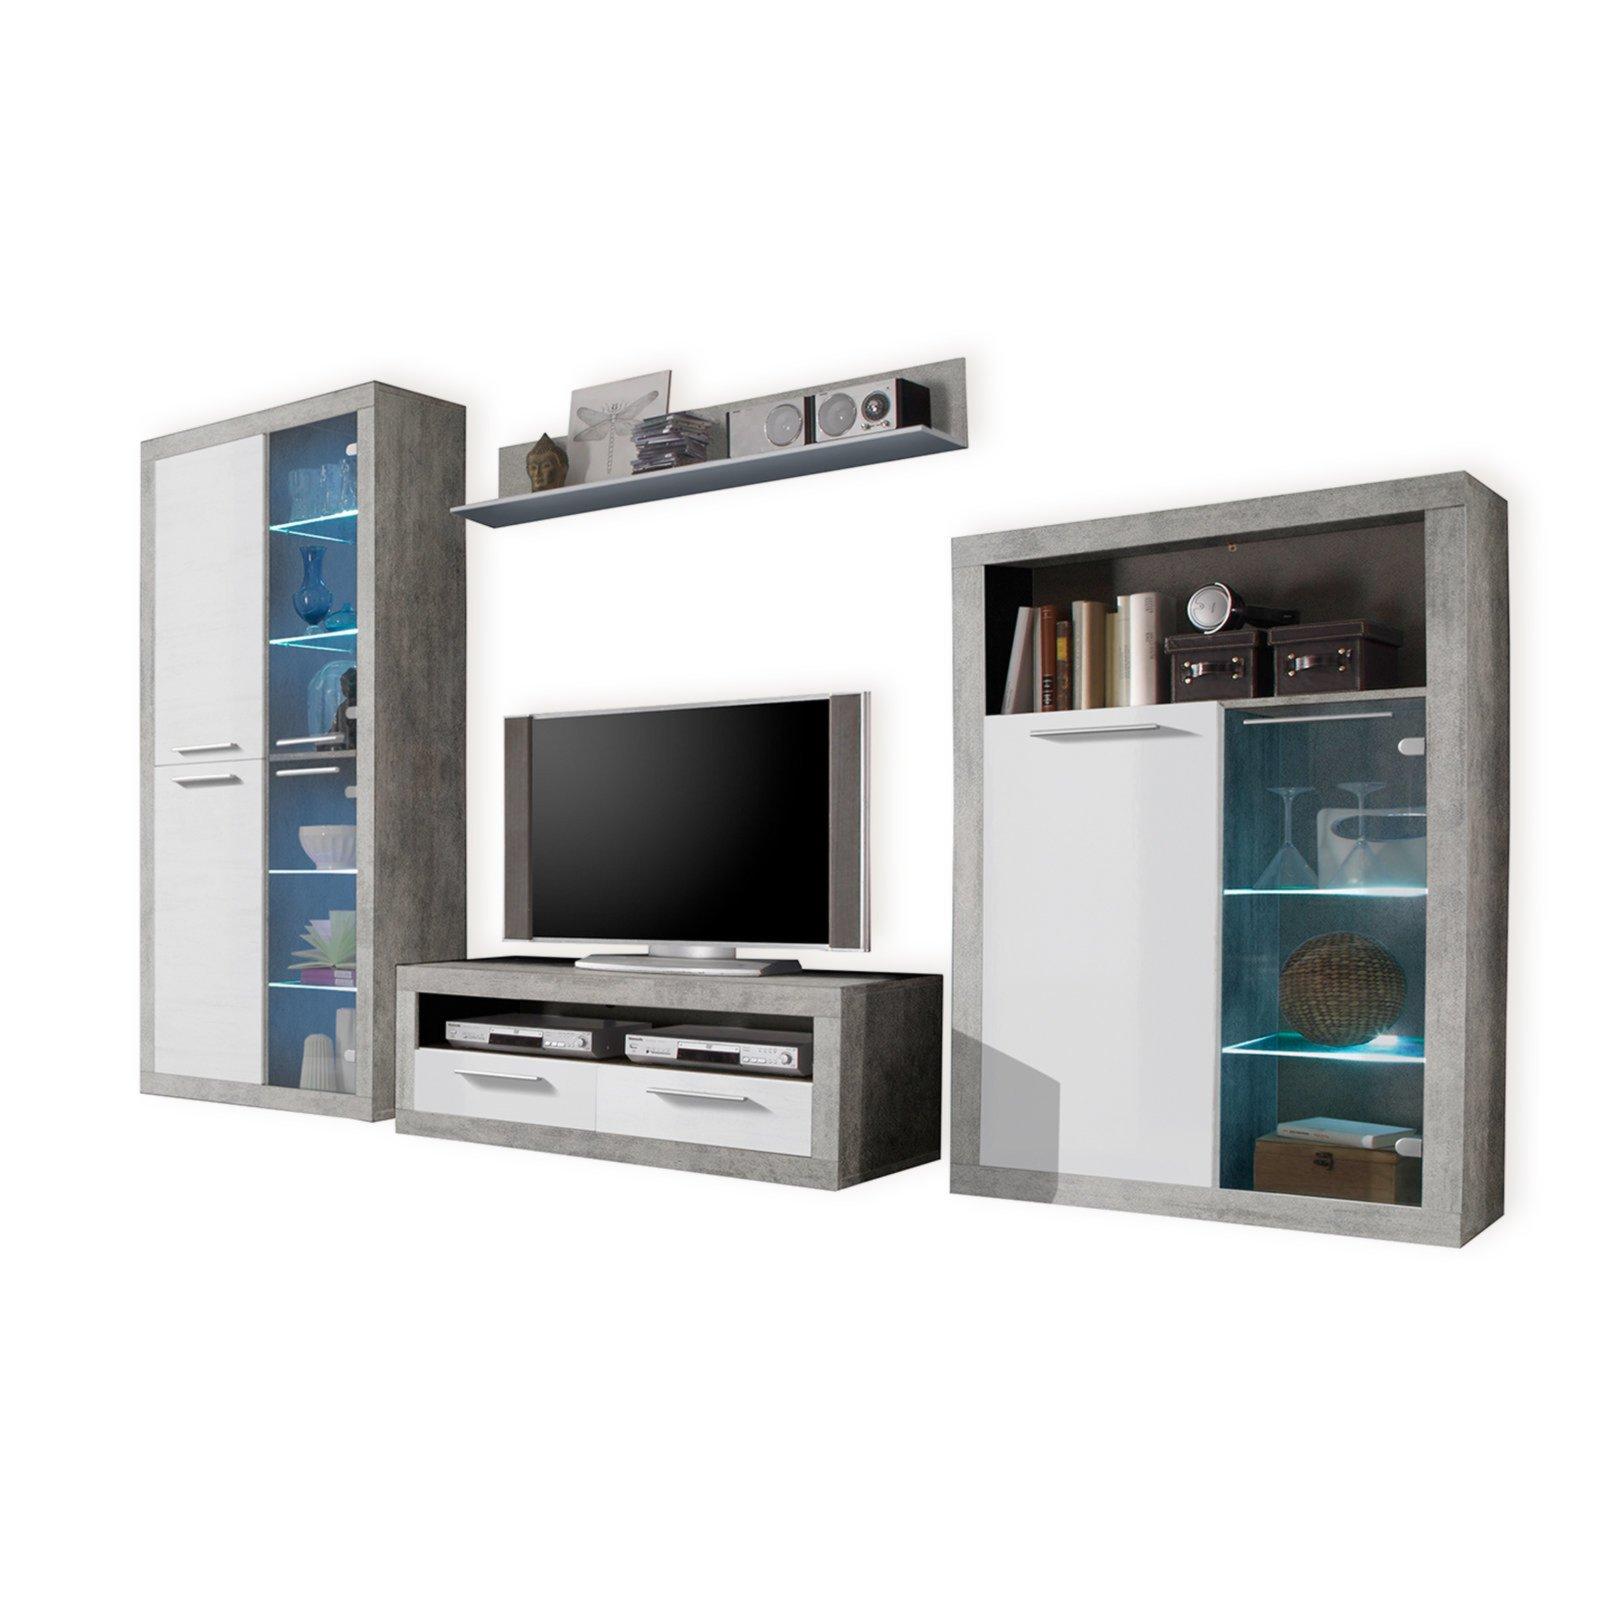 wohnwand stone wei grau hochglanz 304 cm breit wohnw nde m bel roller m belhaus. Black Bedroom Furniture Sets. Home Design Ideas